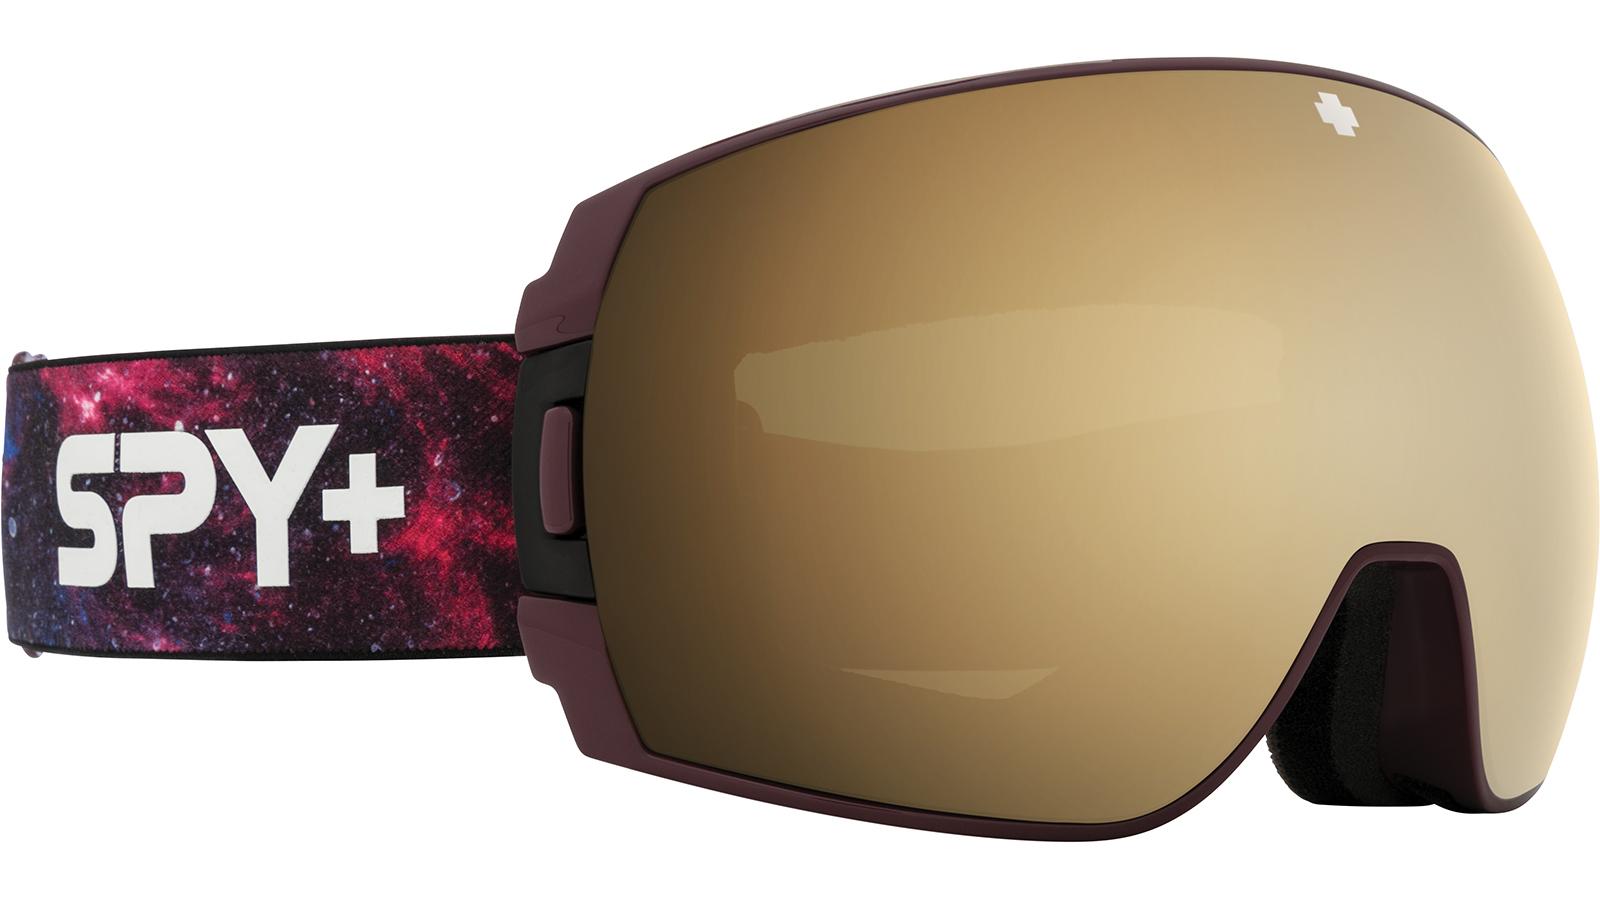 SPY+ FW20/21 Goggles